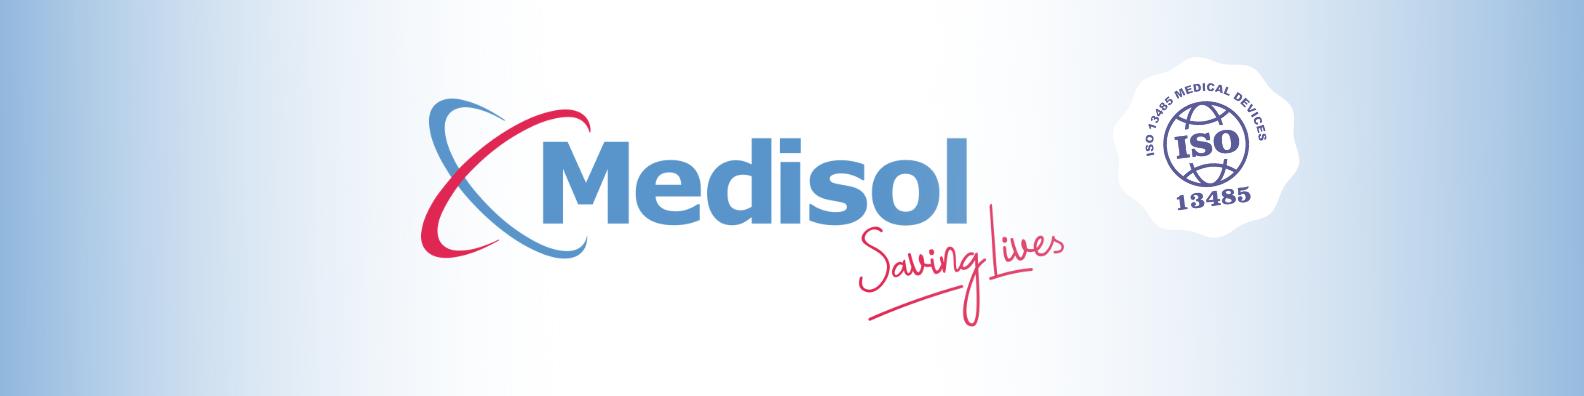 Medisol ISO banner